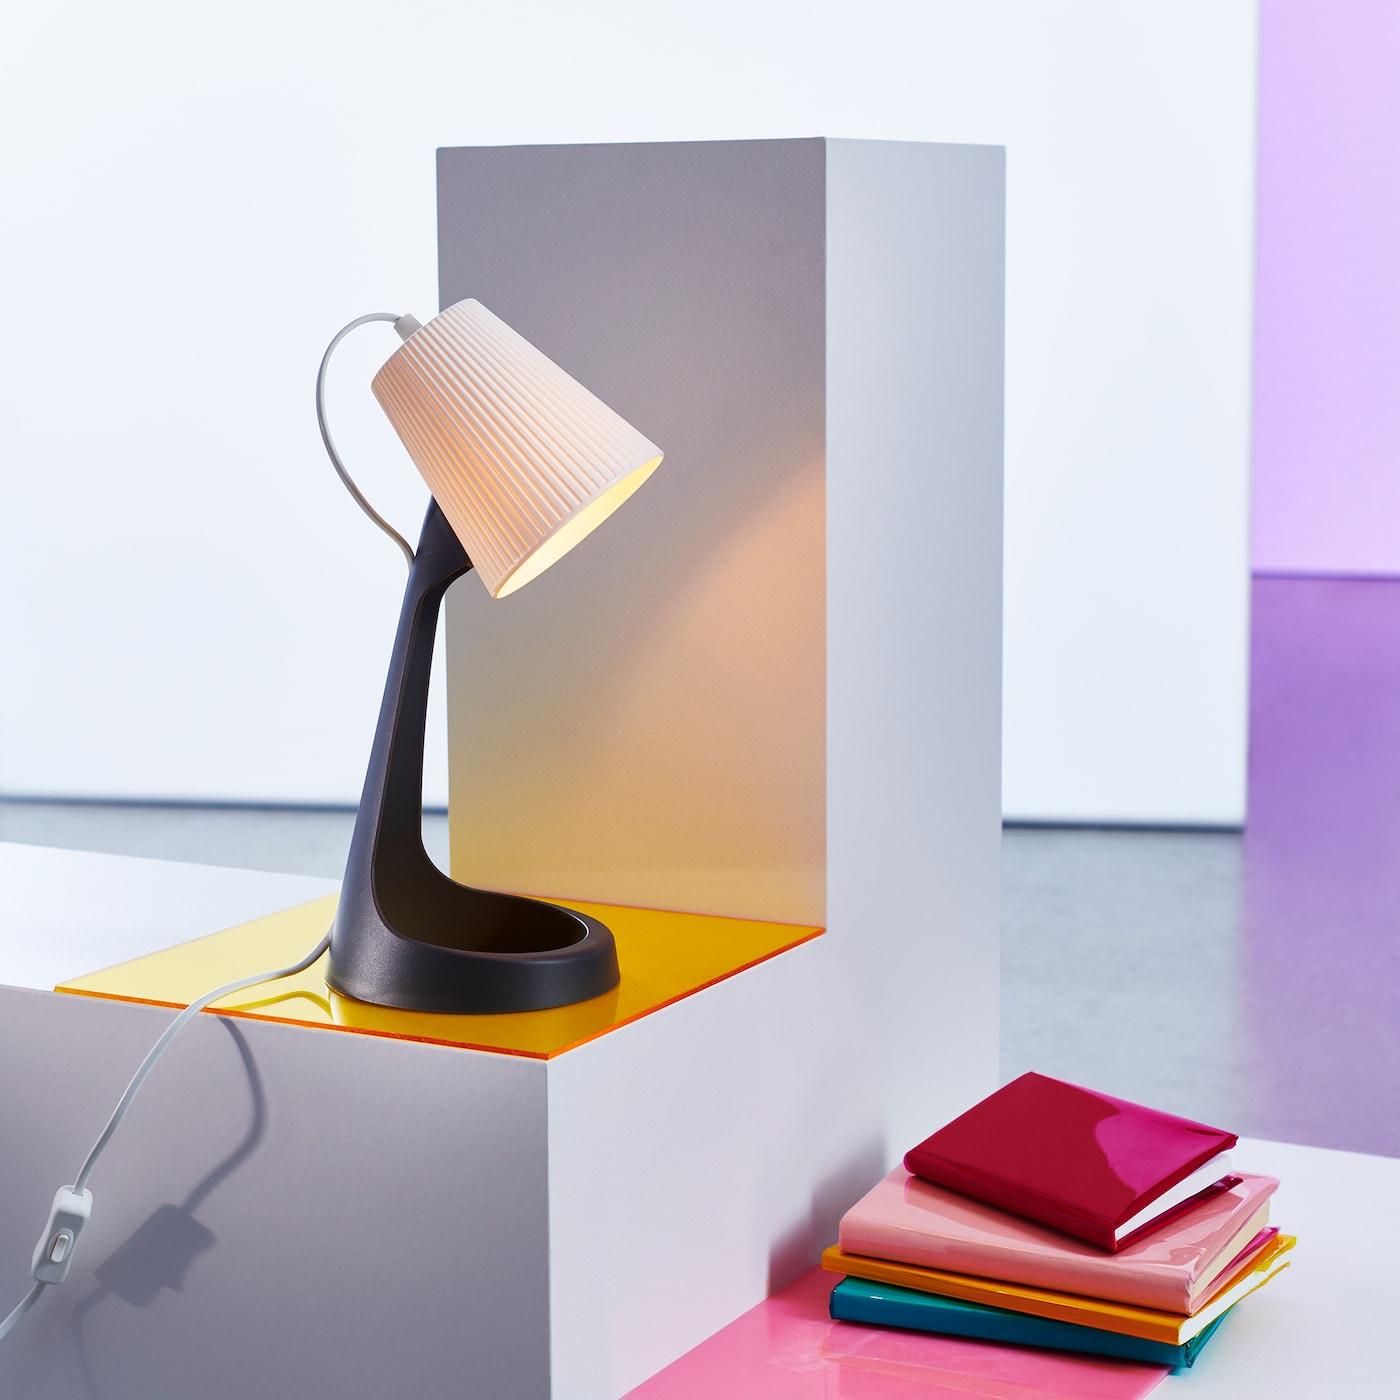 Range Hoods HALOGEN light 20W 12V Chrome ring Made in Italy Lighting Home, Furniture & DIY